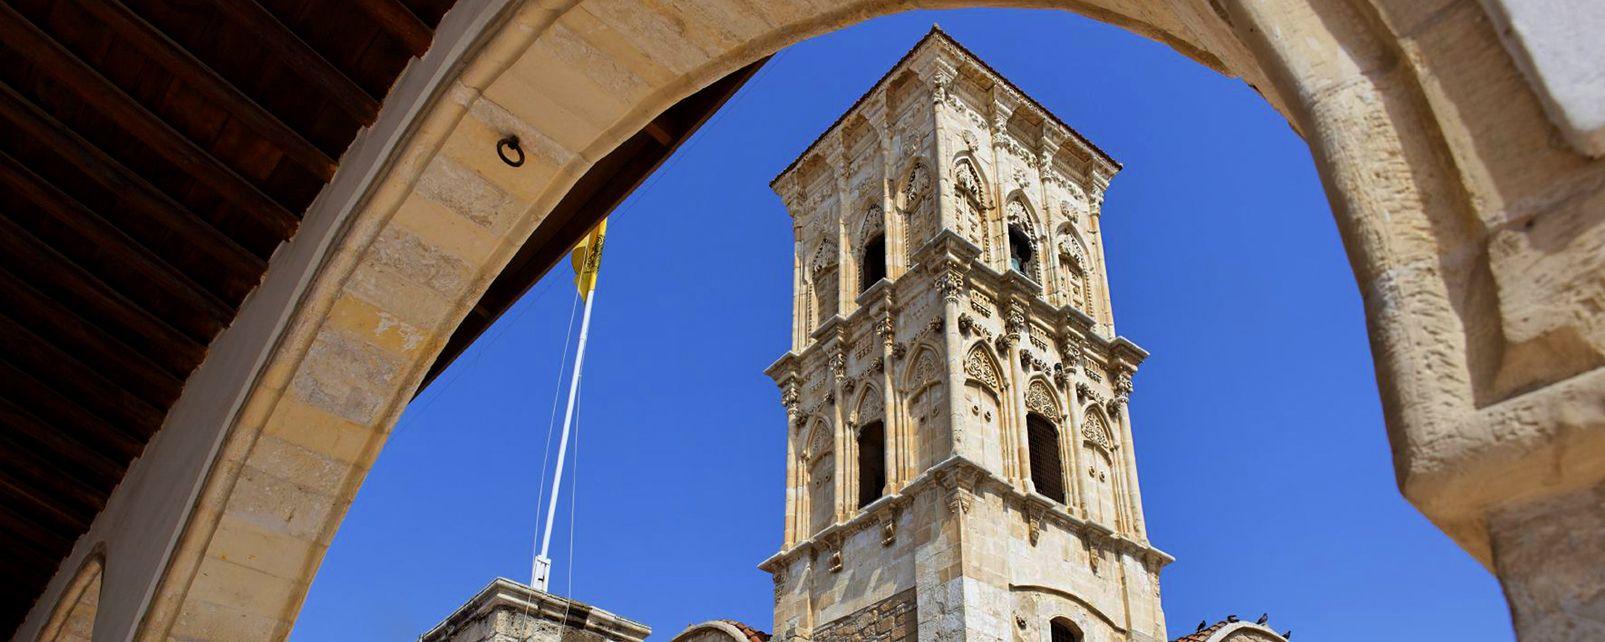 L'église Saint-Lazare de Larnaca , L'église Saint-Lazare à Chypre , Chypre